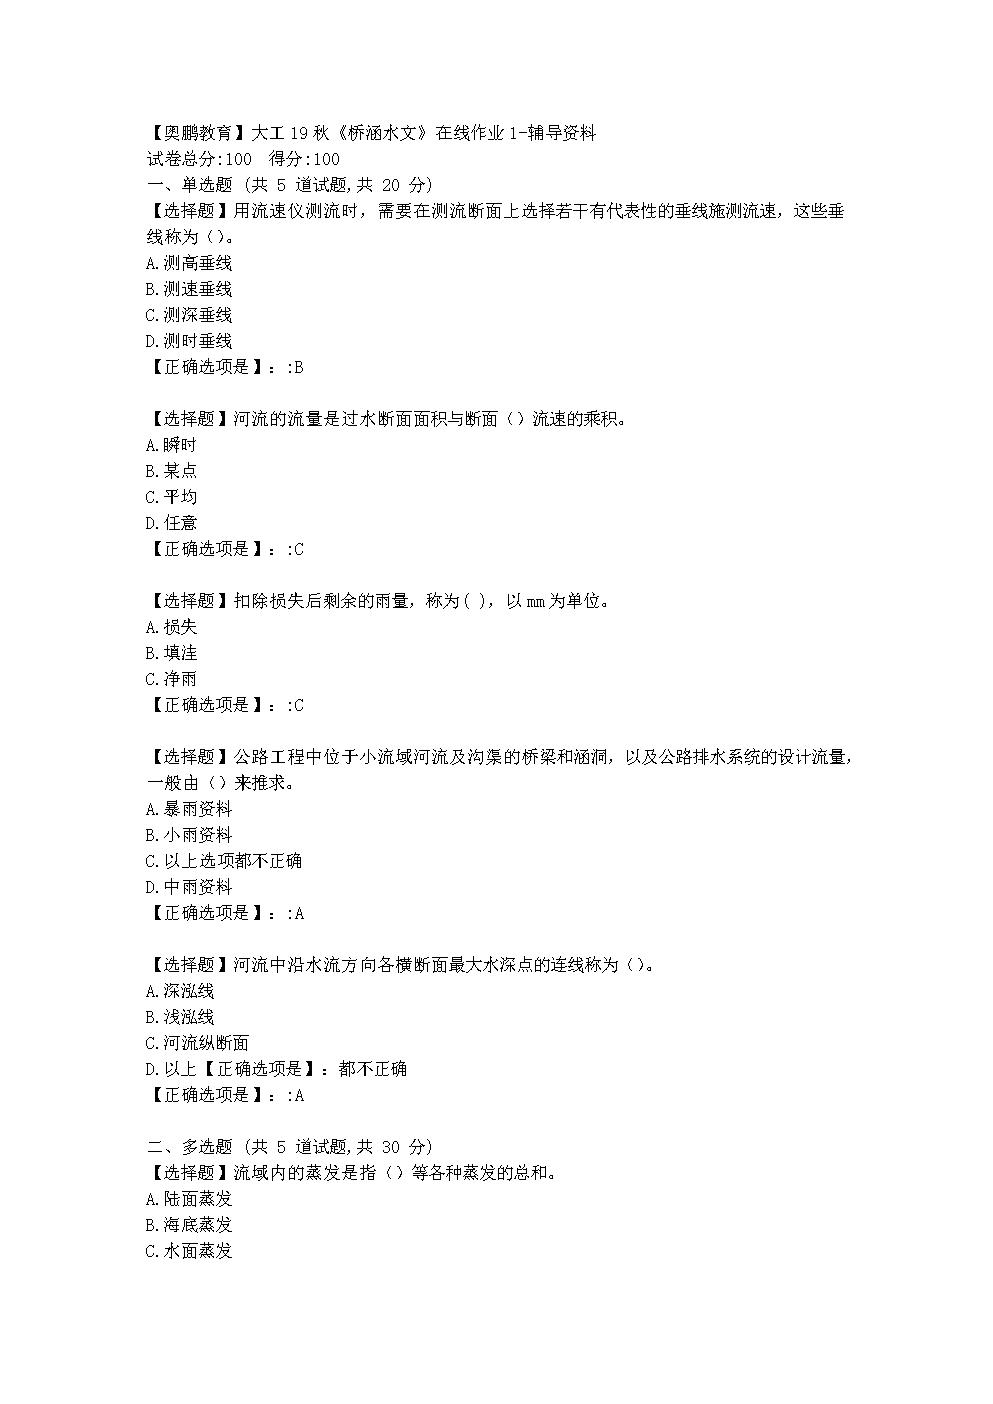 大连理工大学19秋《桥涵水文》在线作业1学习资料.doc